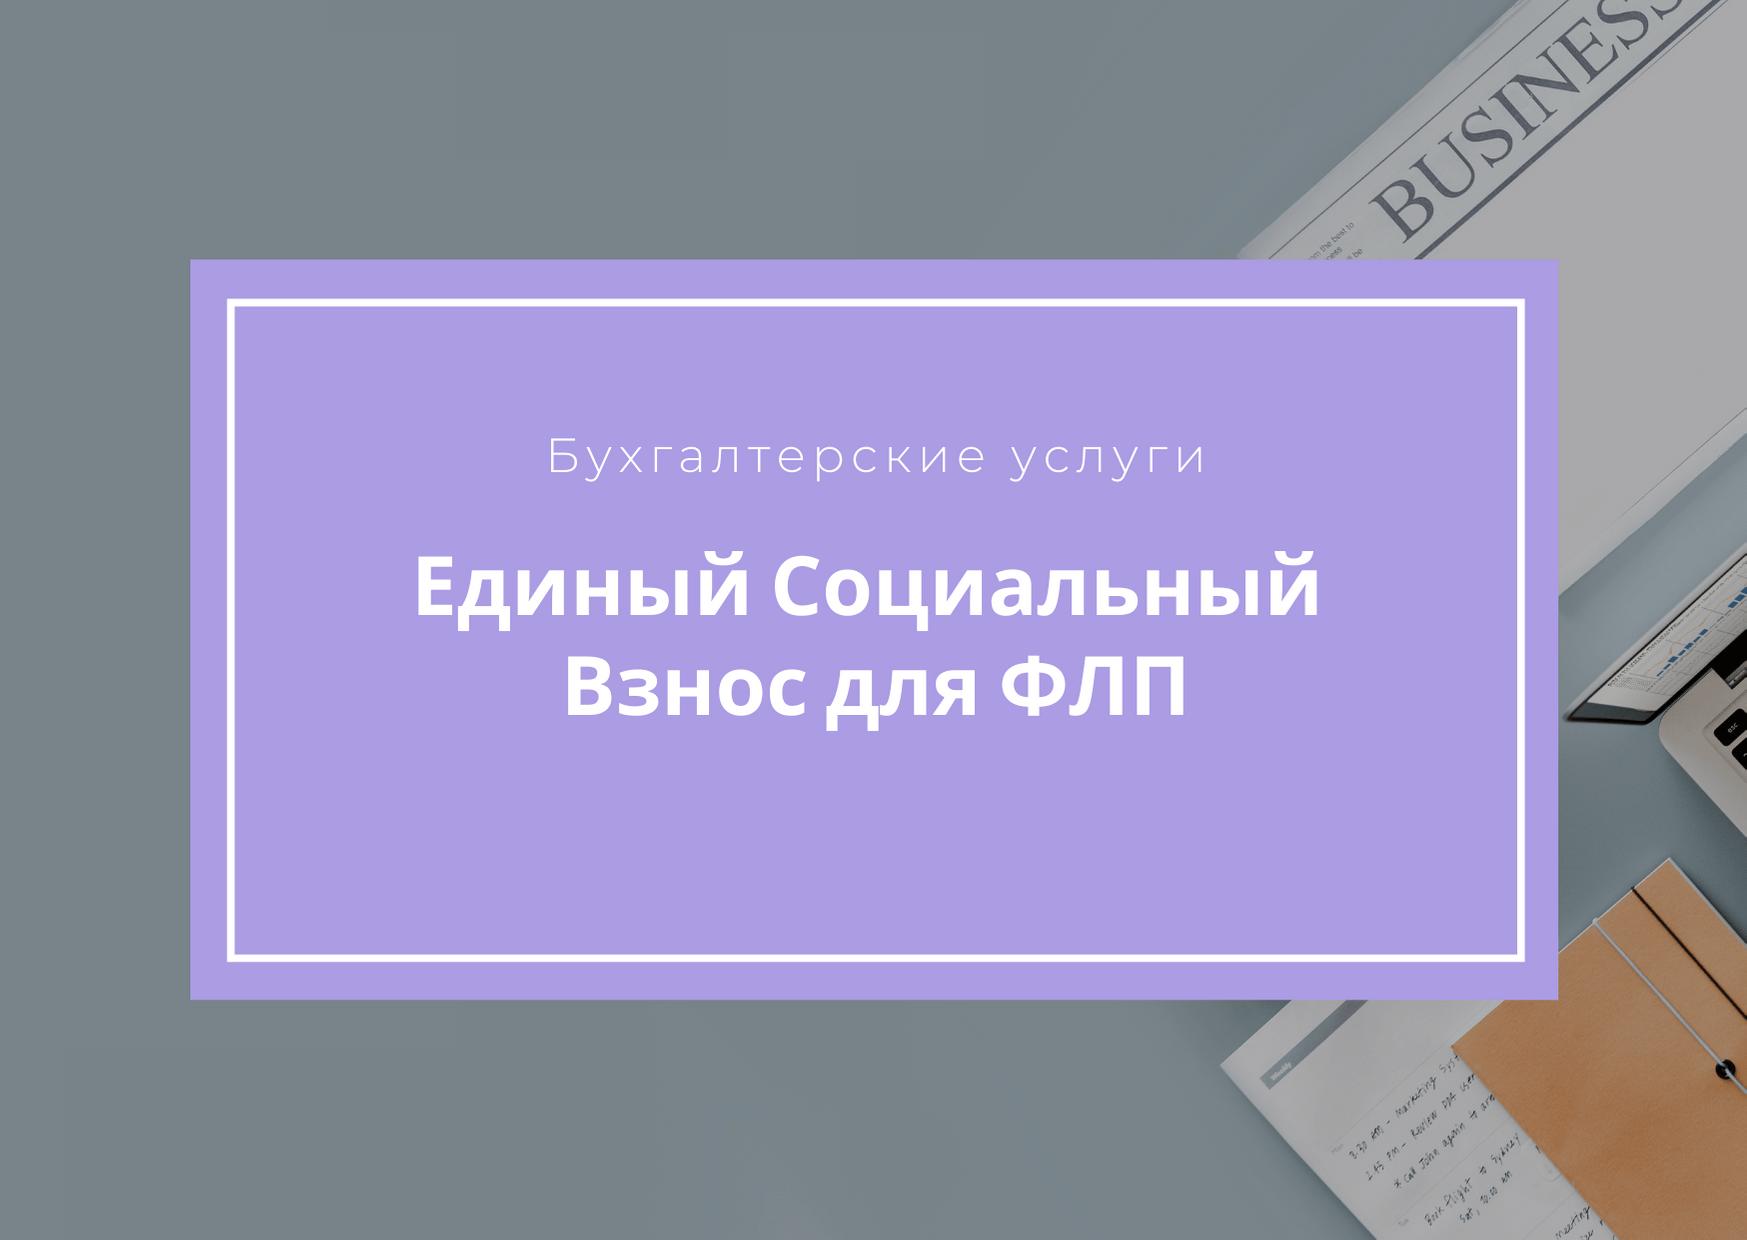 Единый Социальный Взнос для ФЛП в Украине